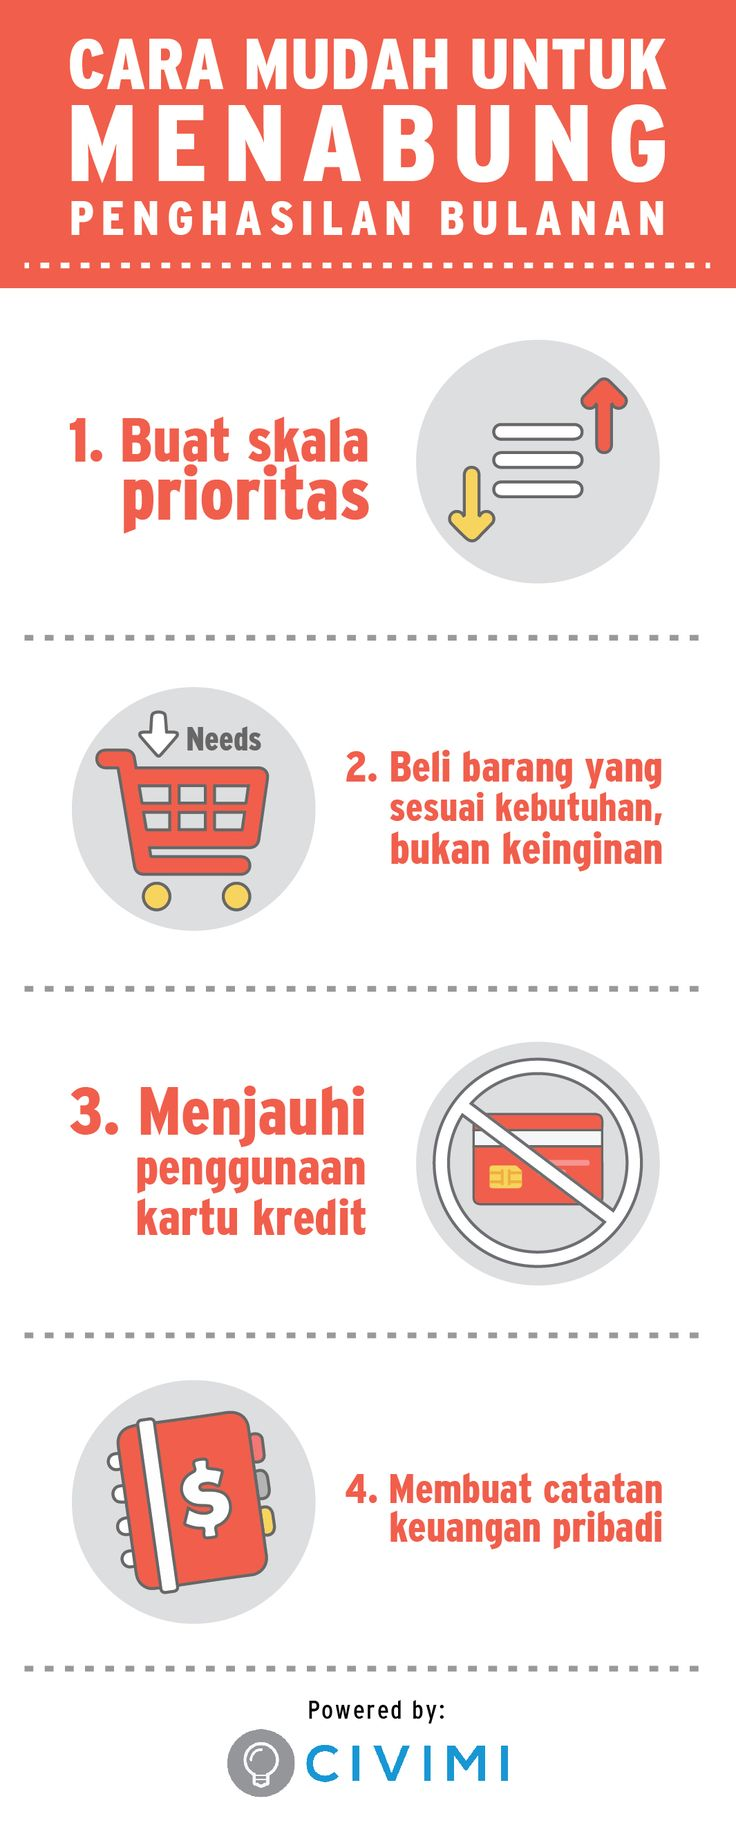 Tips untuk Menabung Penghasilan Bulanan kamu (Infographic)